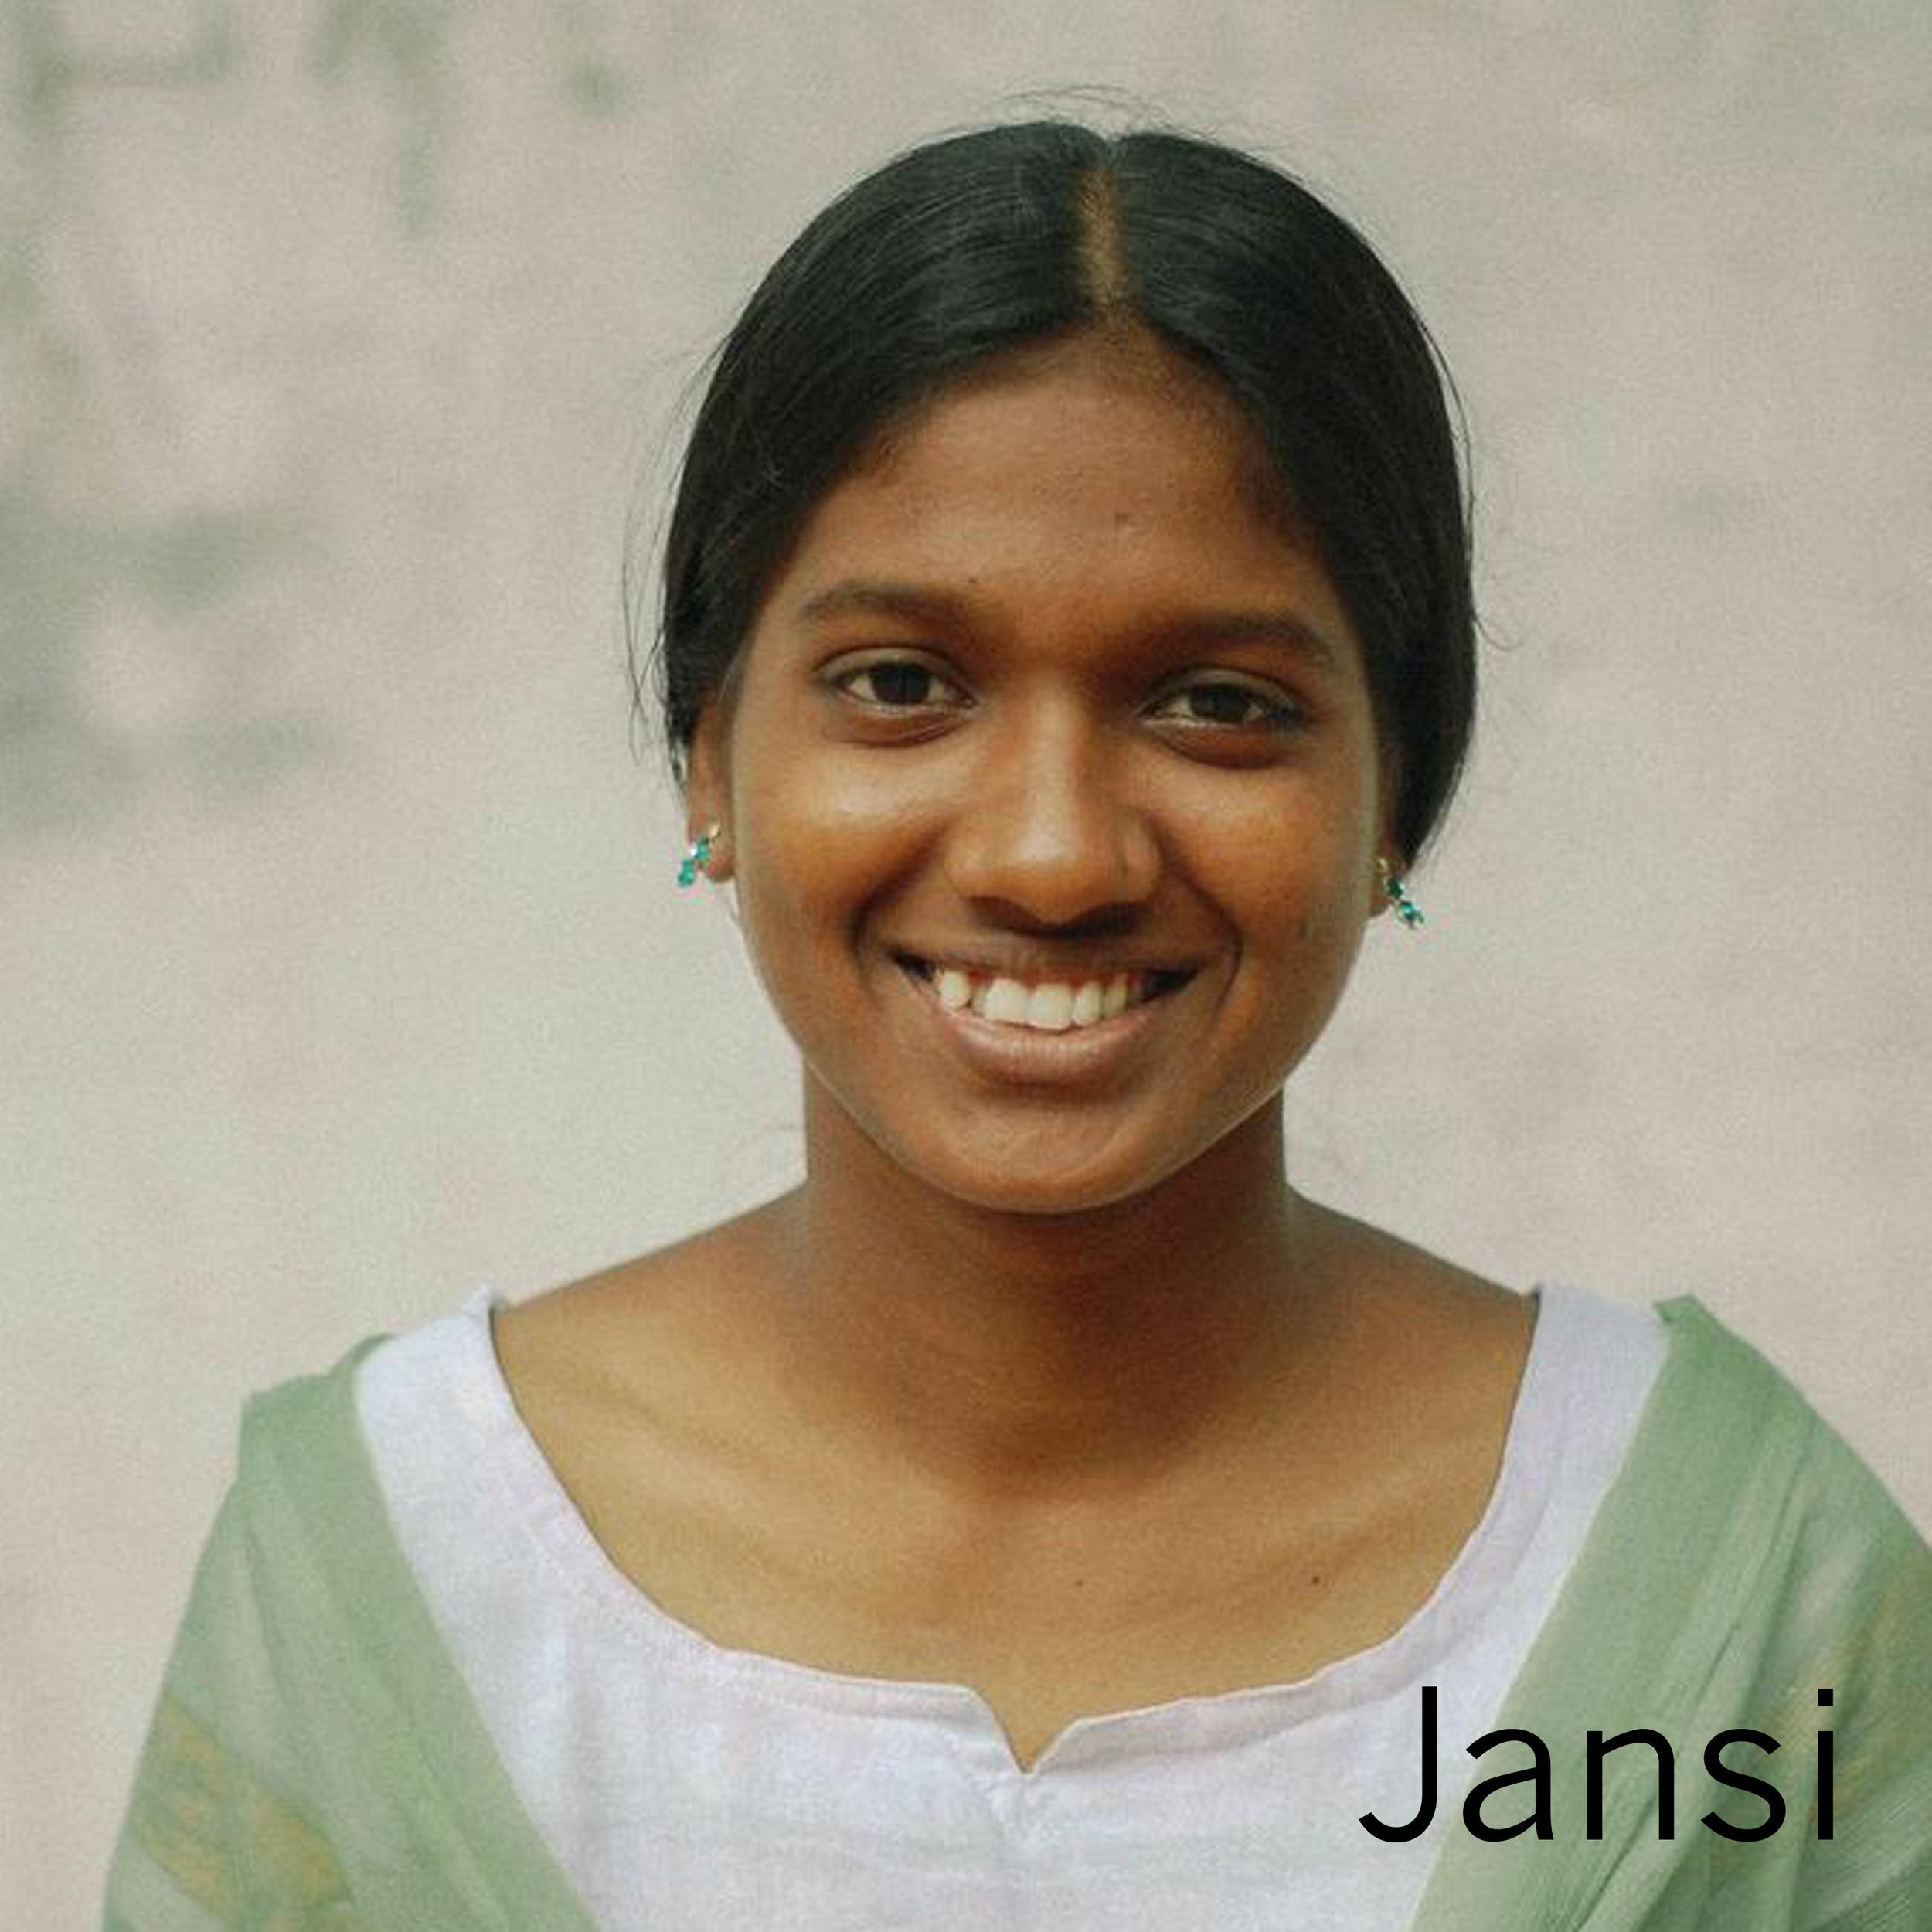 Jansi004_Name.jpg